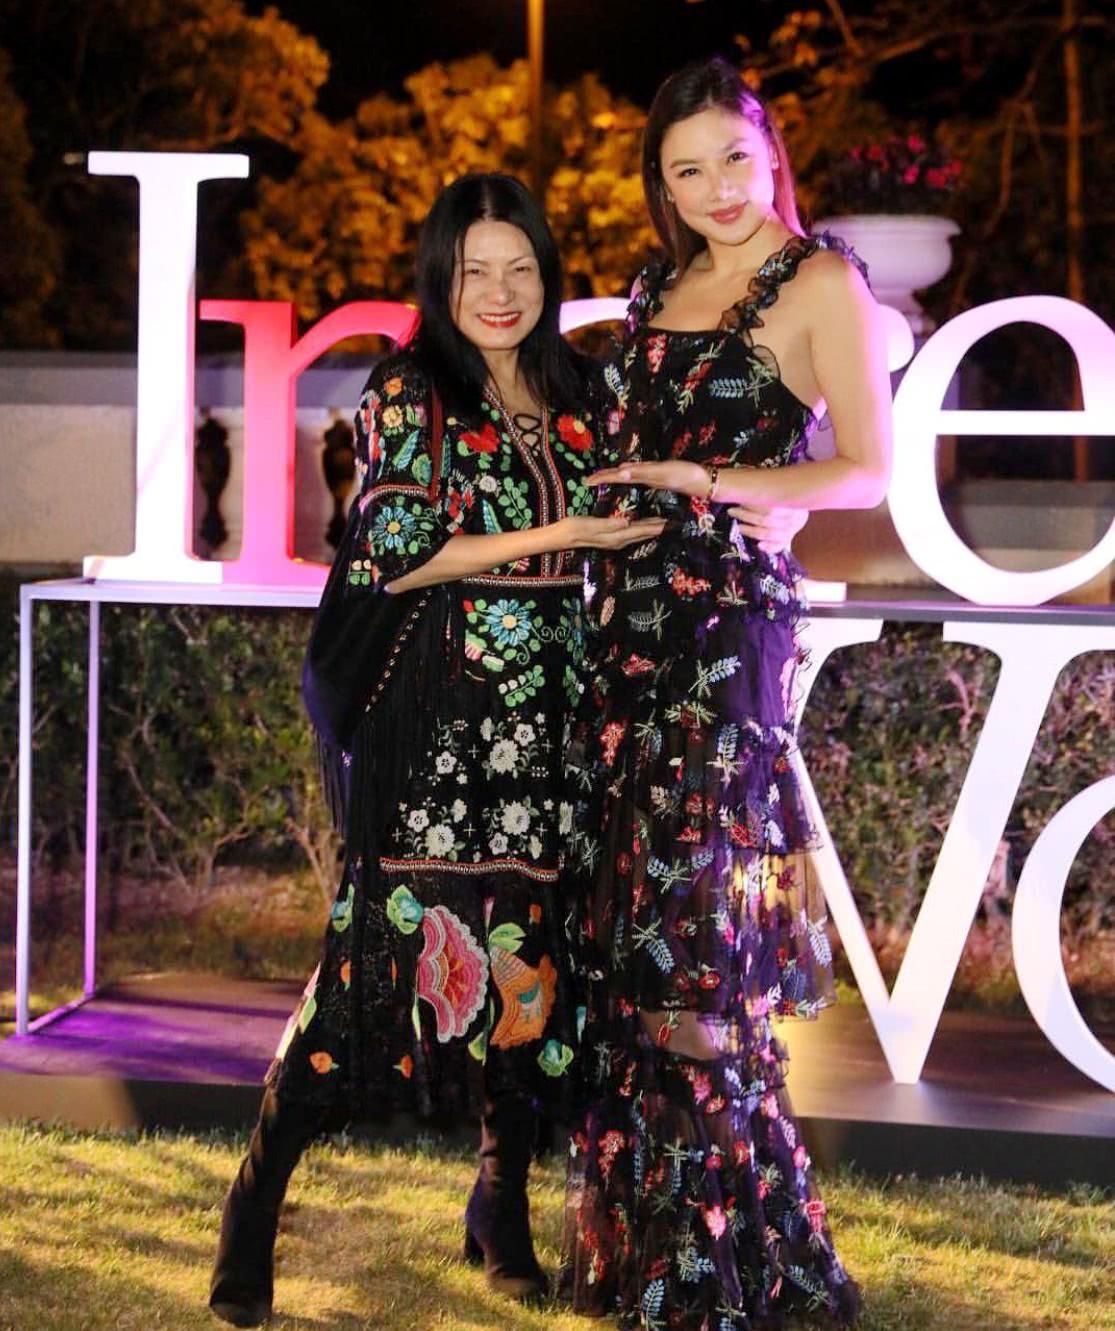 Siêu mẫu gốc Việt tăng cân chóng mặt sau khi lấy chồng đại gia người Mỹ - Ảnh 1.